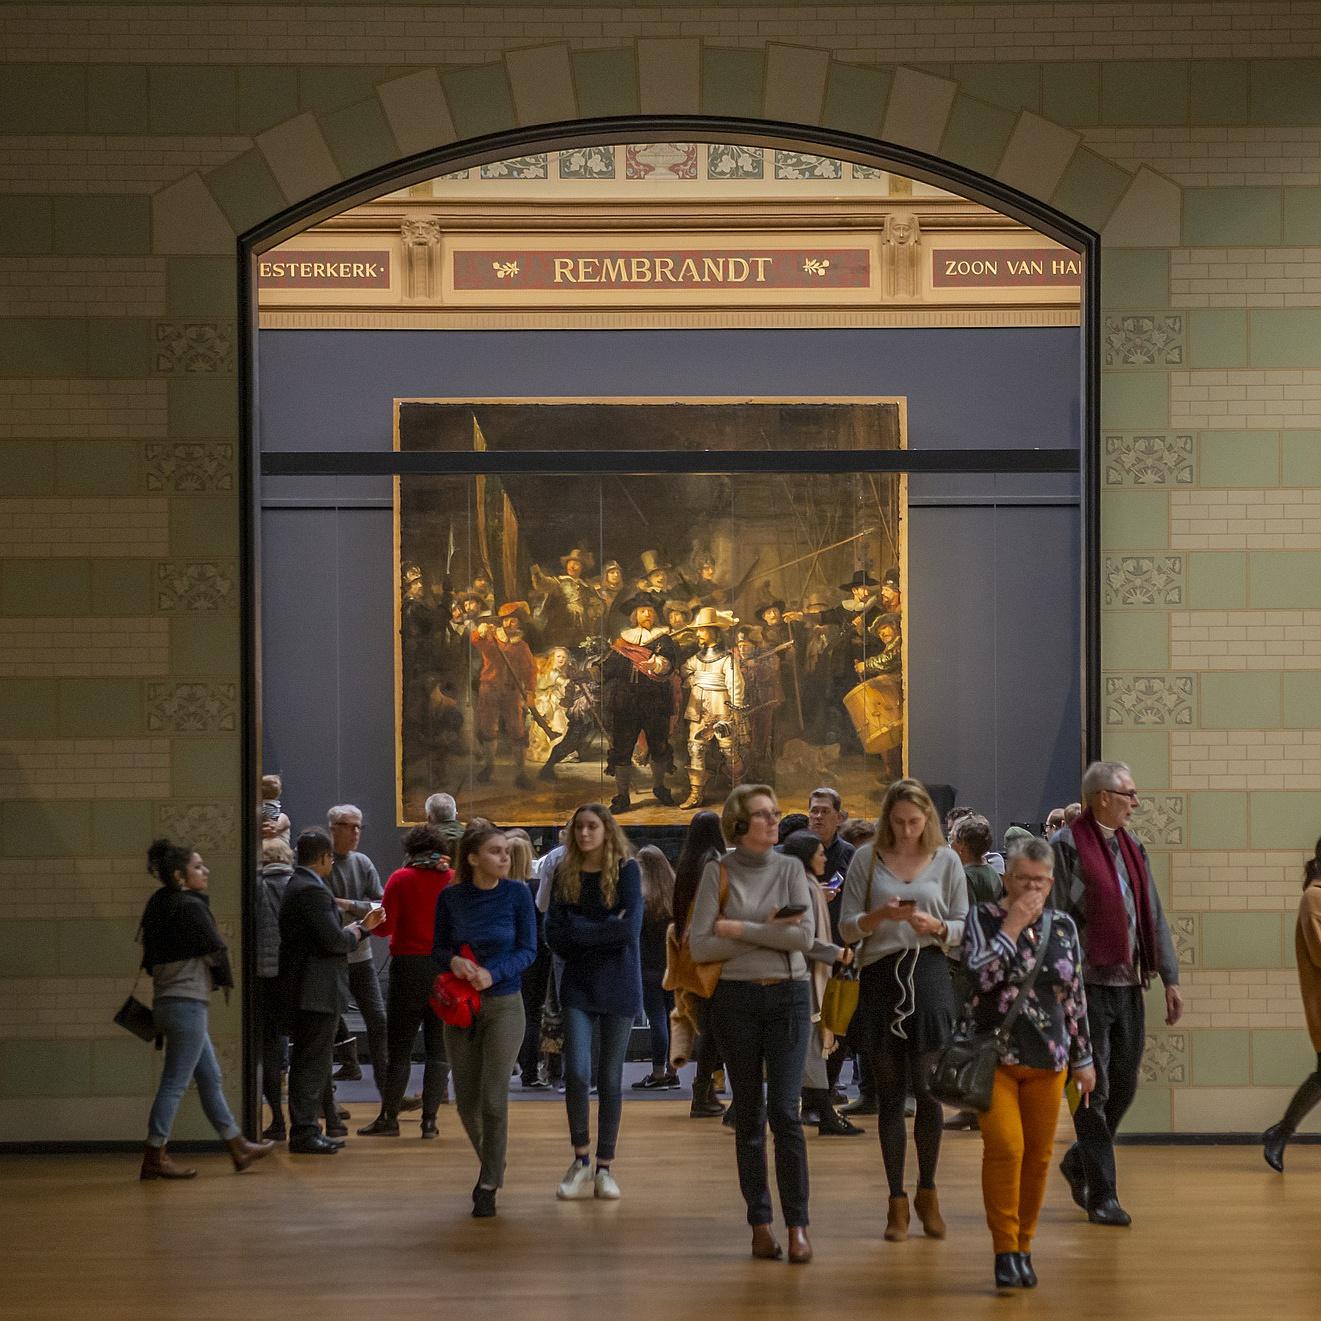 Több mint 700 ezer művészeti alkotást tesz ingyen elérhetővé a Rijksmuseum